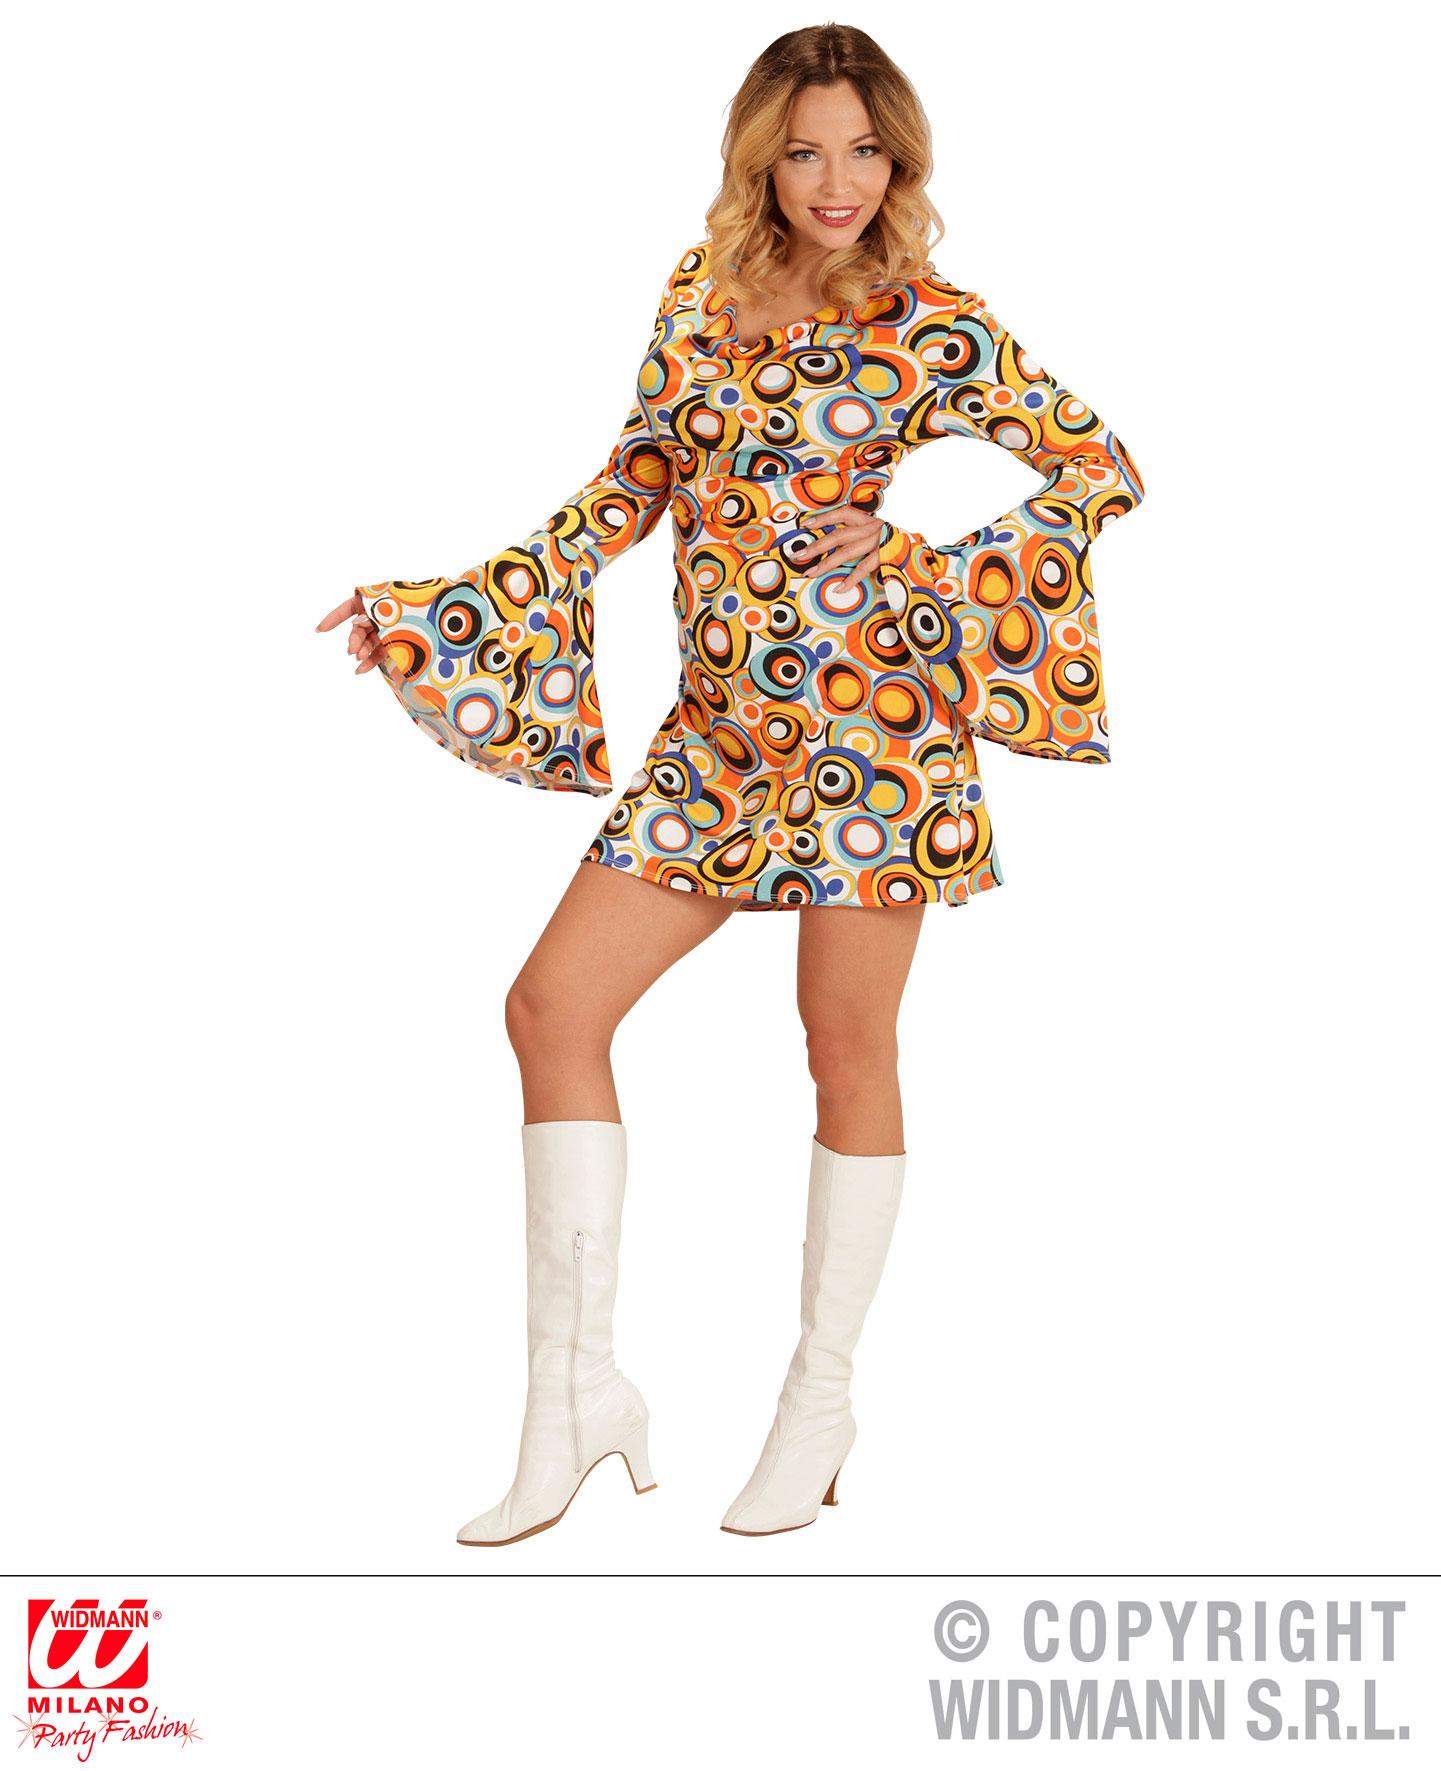 Ziemlich 70er Jahre Party Kleid Zeitgenössisch - Brautkleider Ideen ...